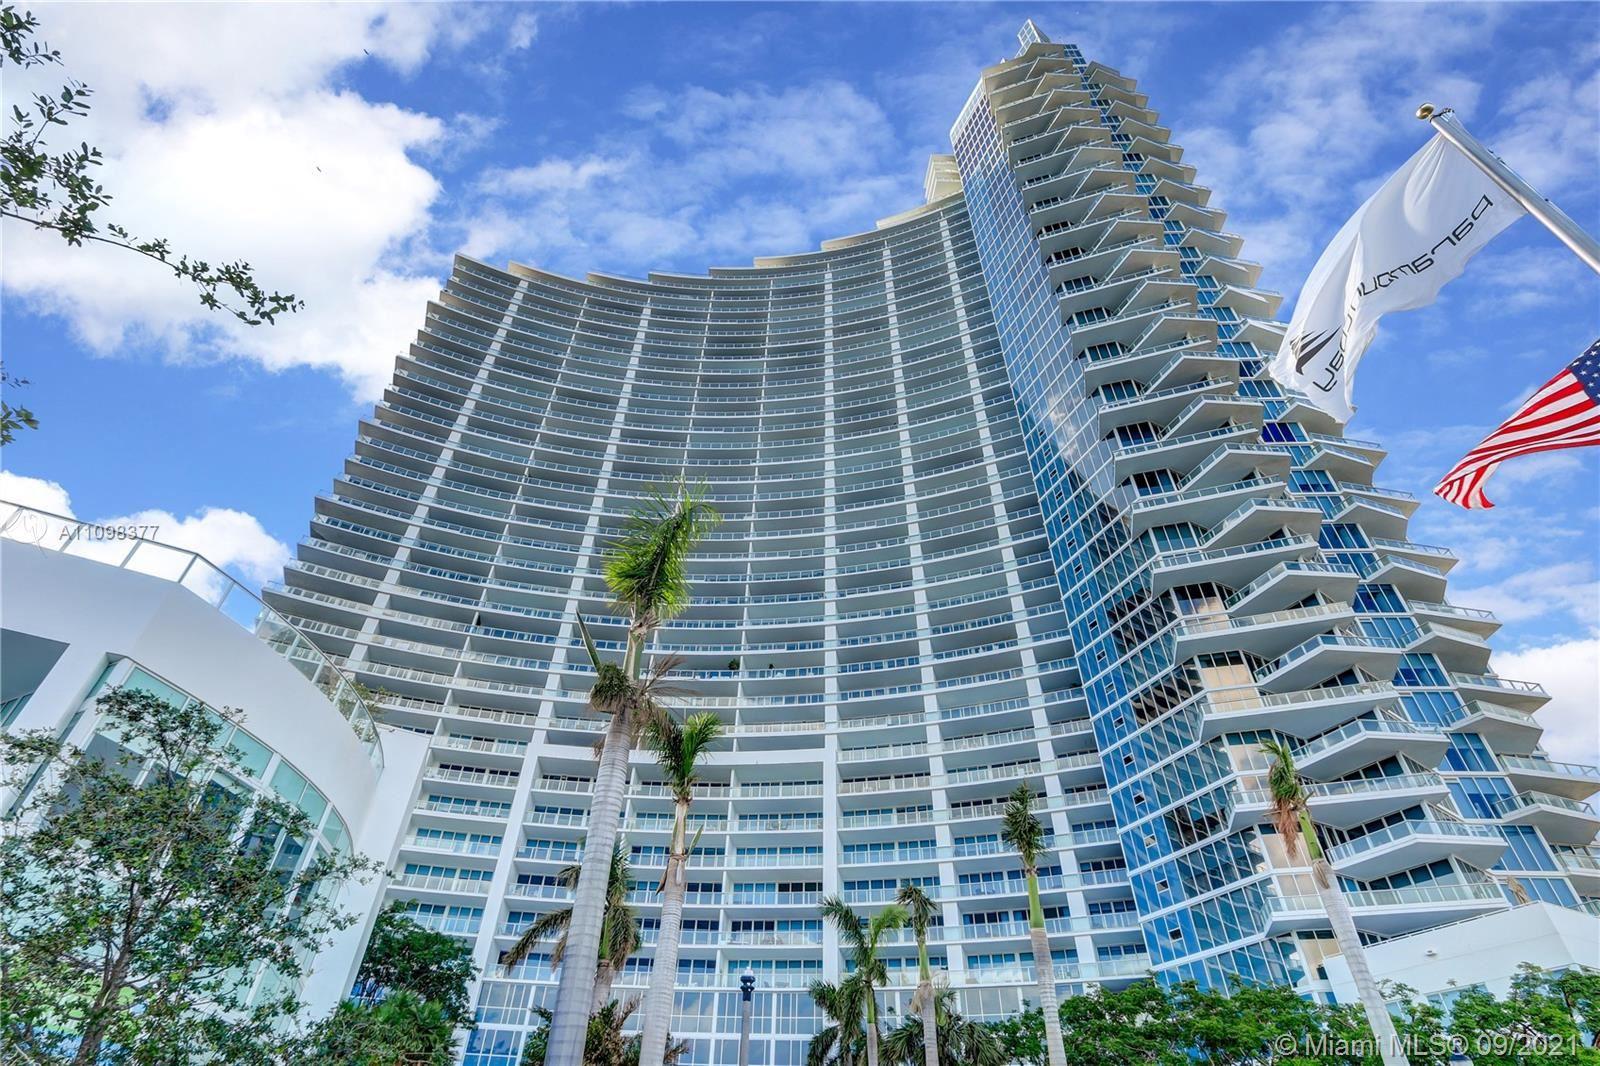 2020 N Bayshore Dr #1109, Miami, FL 33137 - #: A11098377